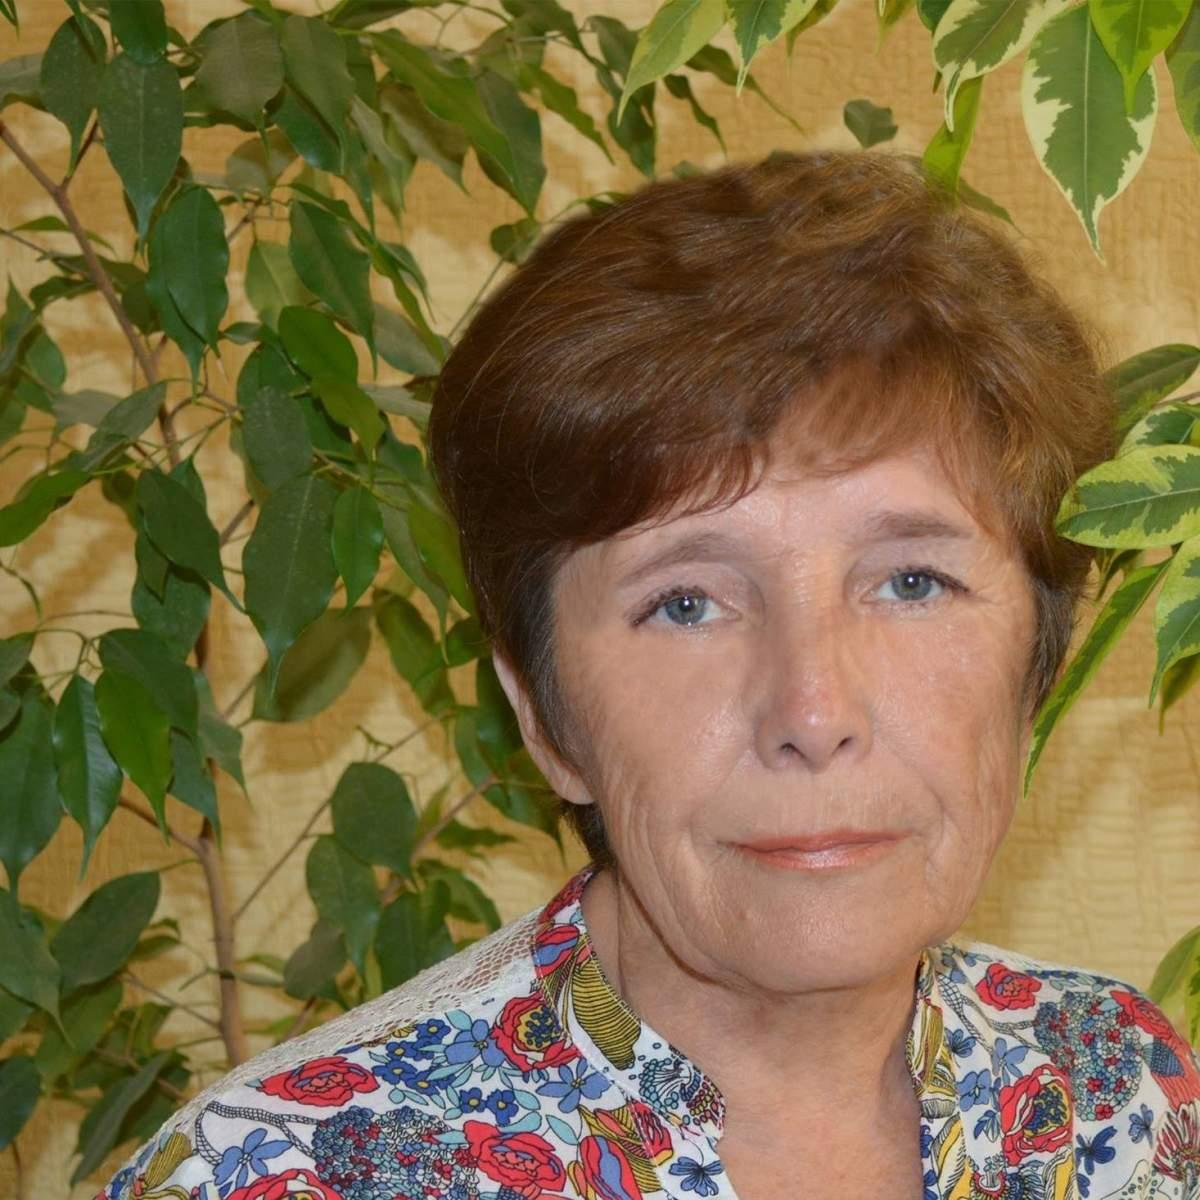 Рокотянская Людмила Анатольевна